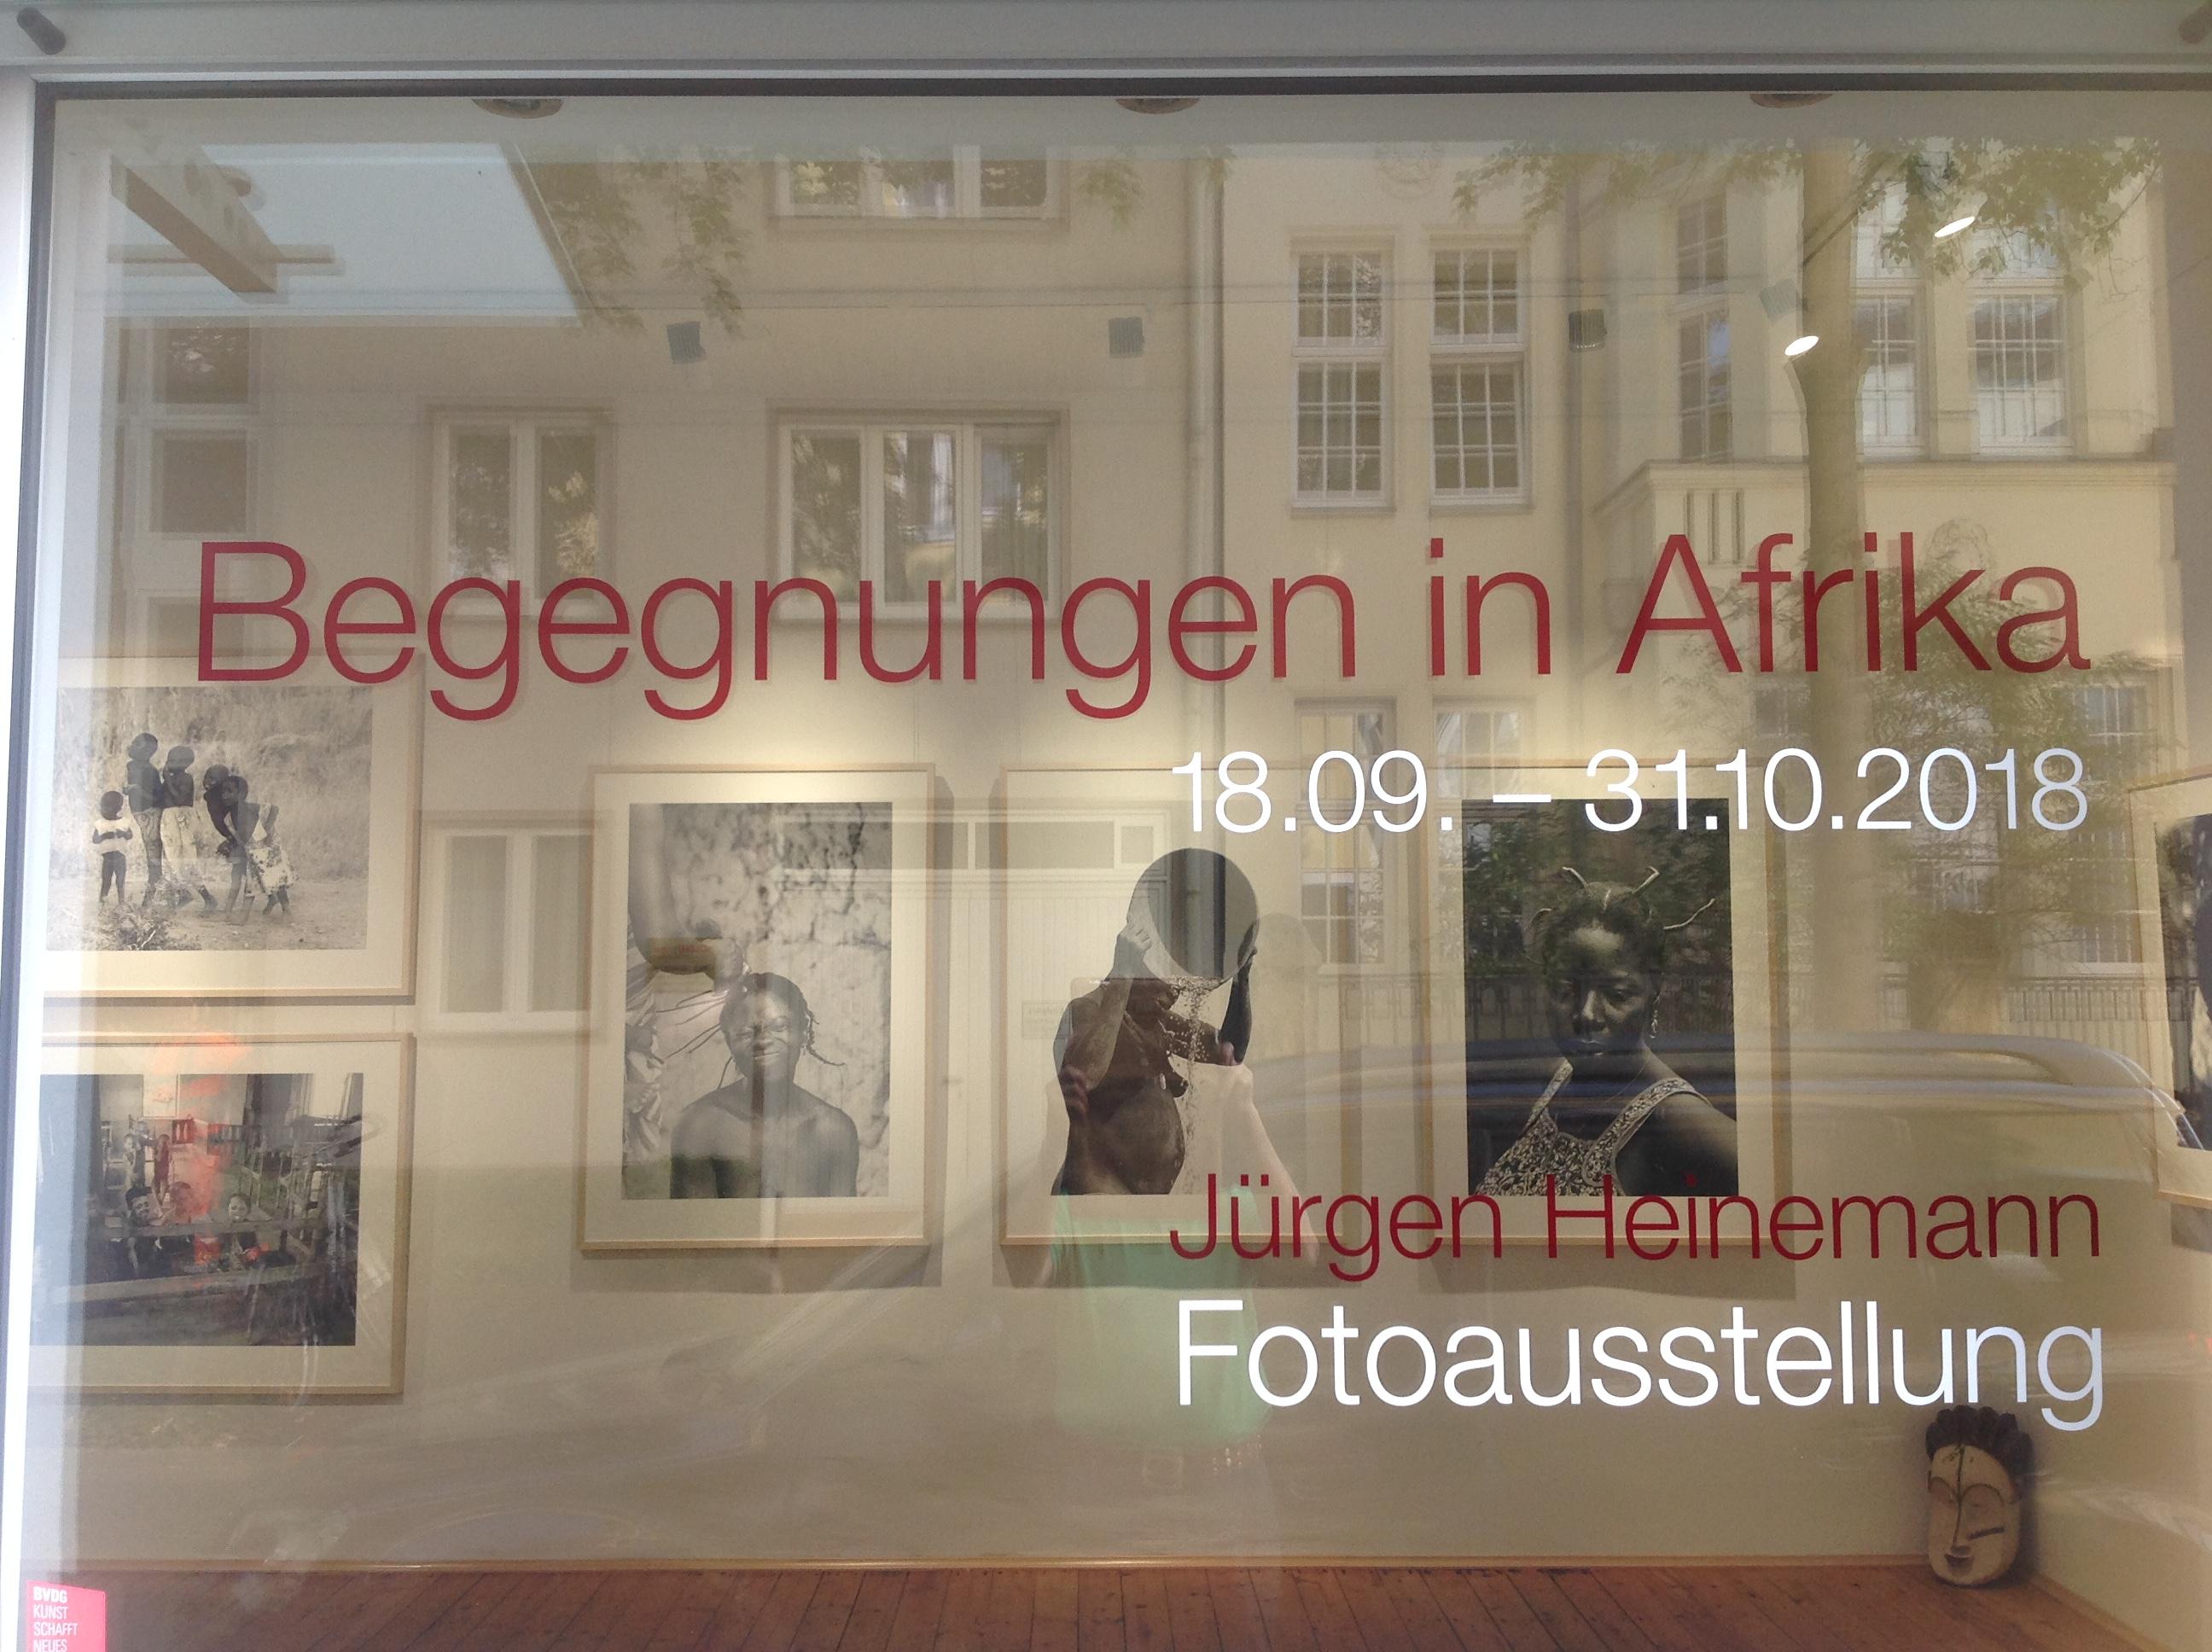 Jürgen Heinemann  - Begegnungen in Afrika